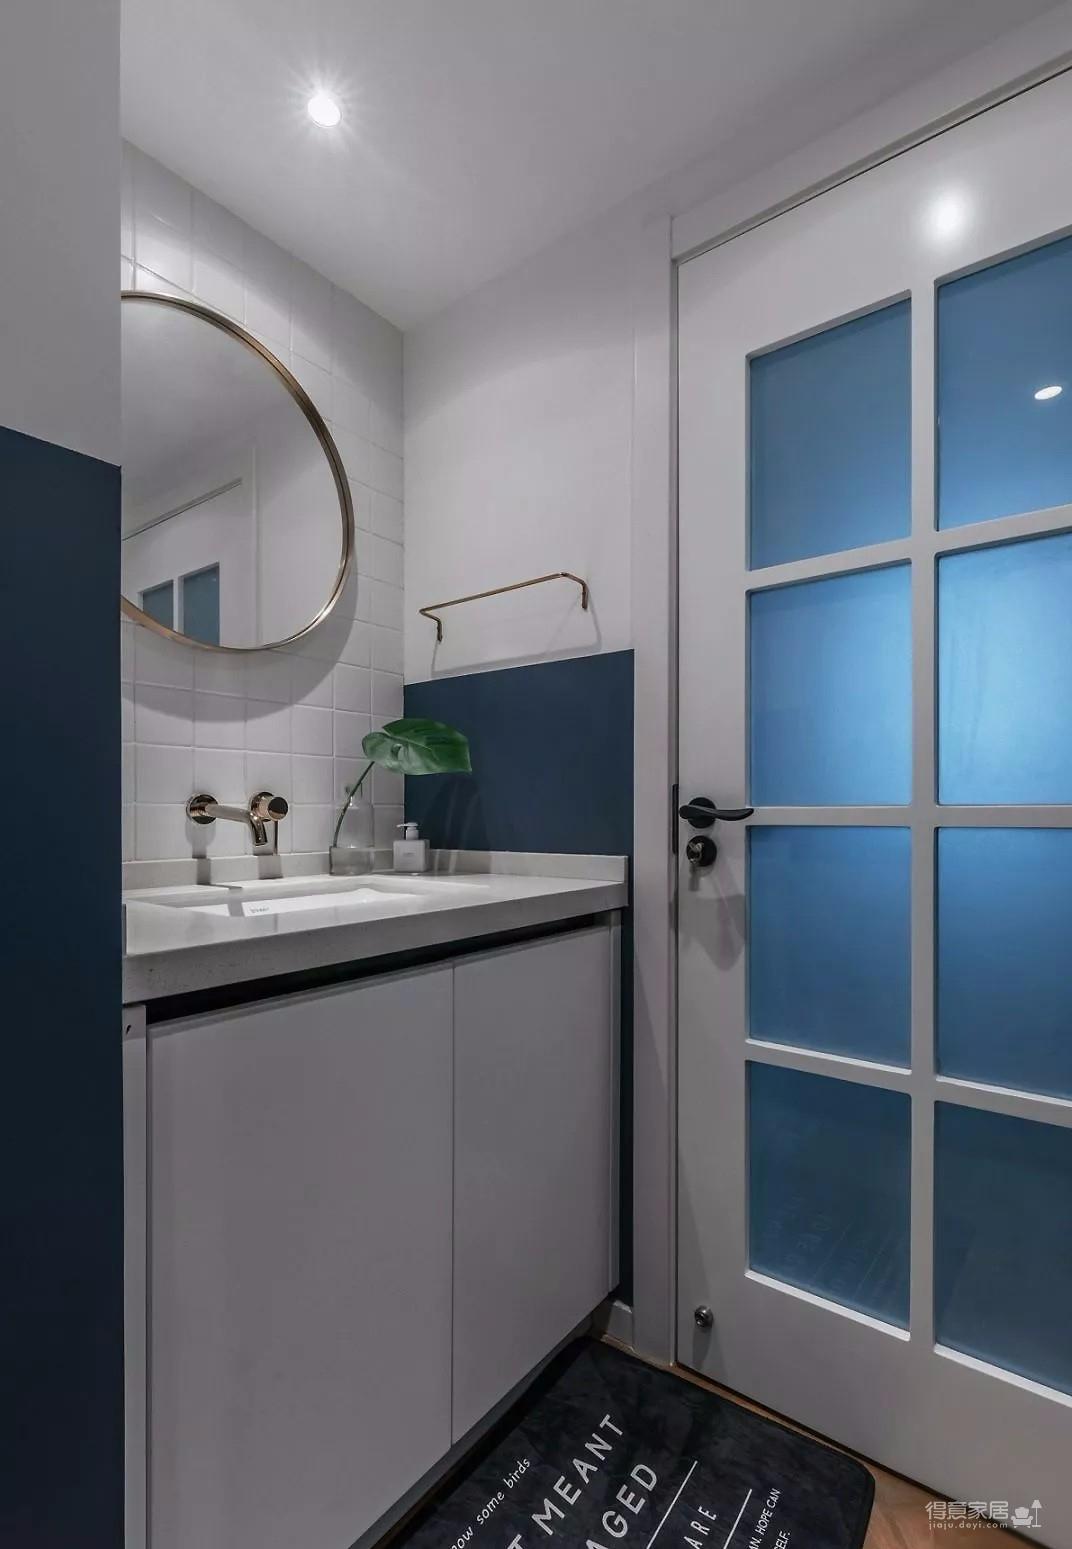 125㎡舒適北歐3室2廳,享受美好生活里的儀式感圖_11